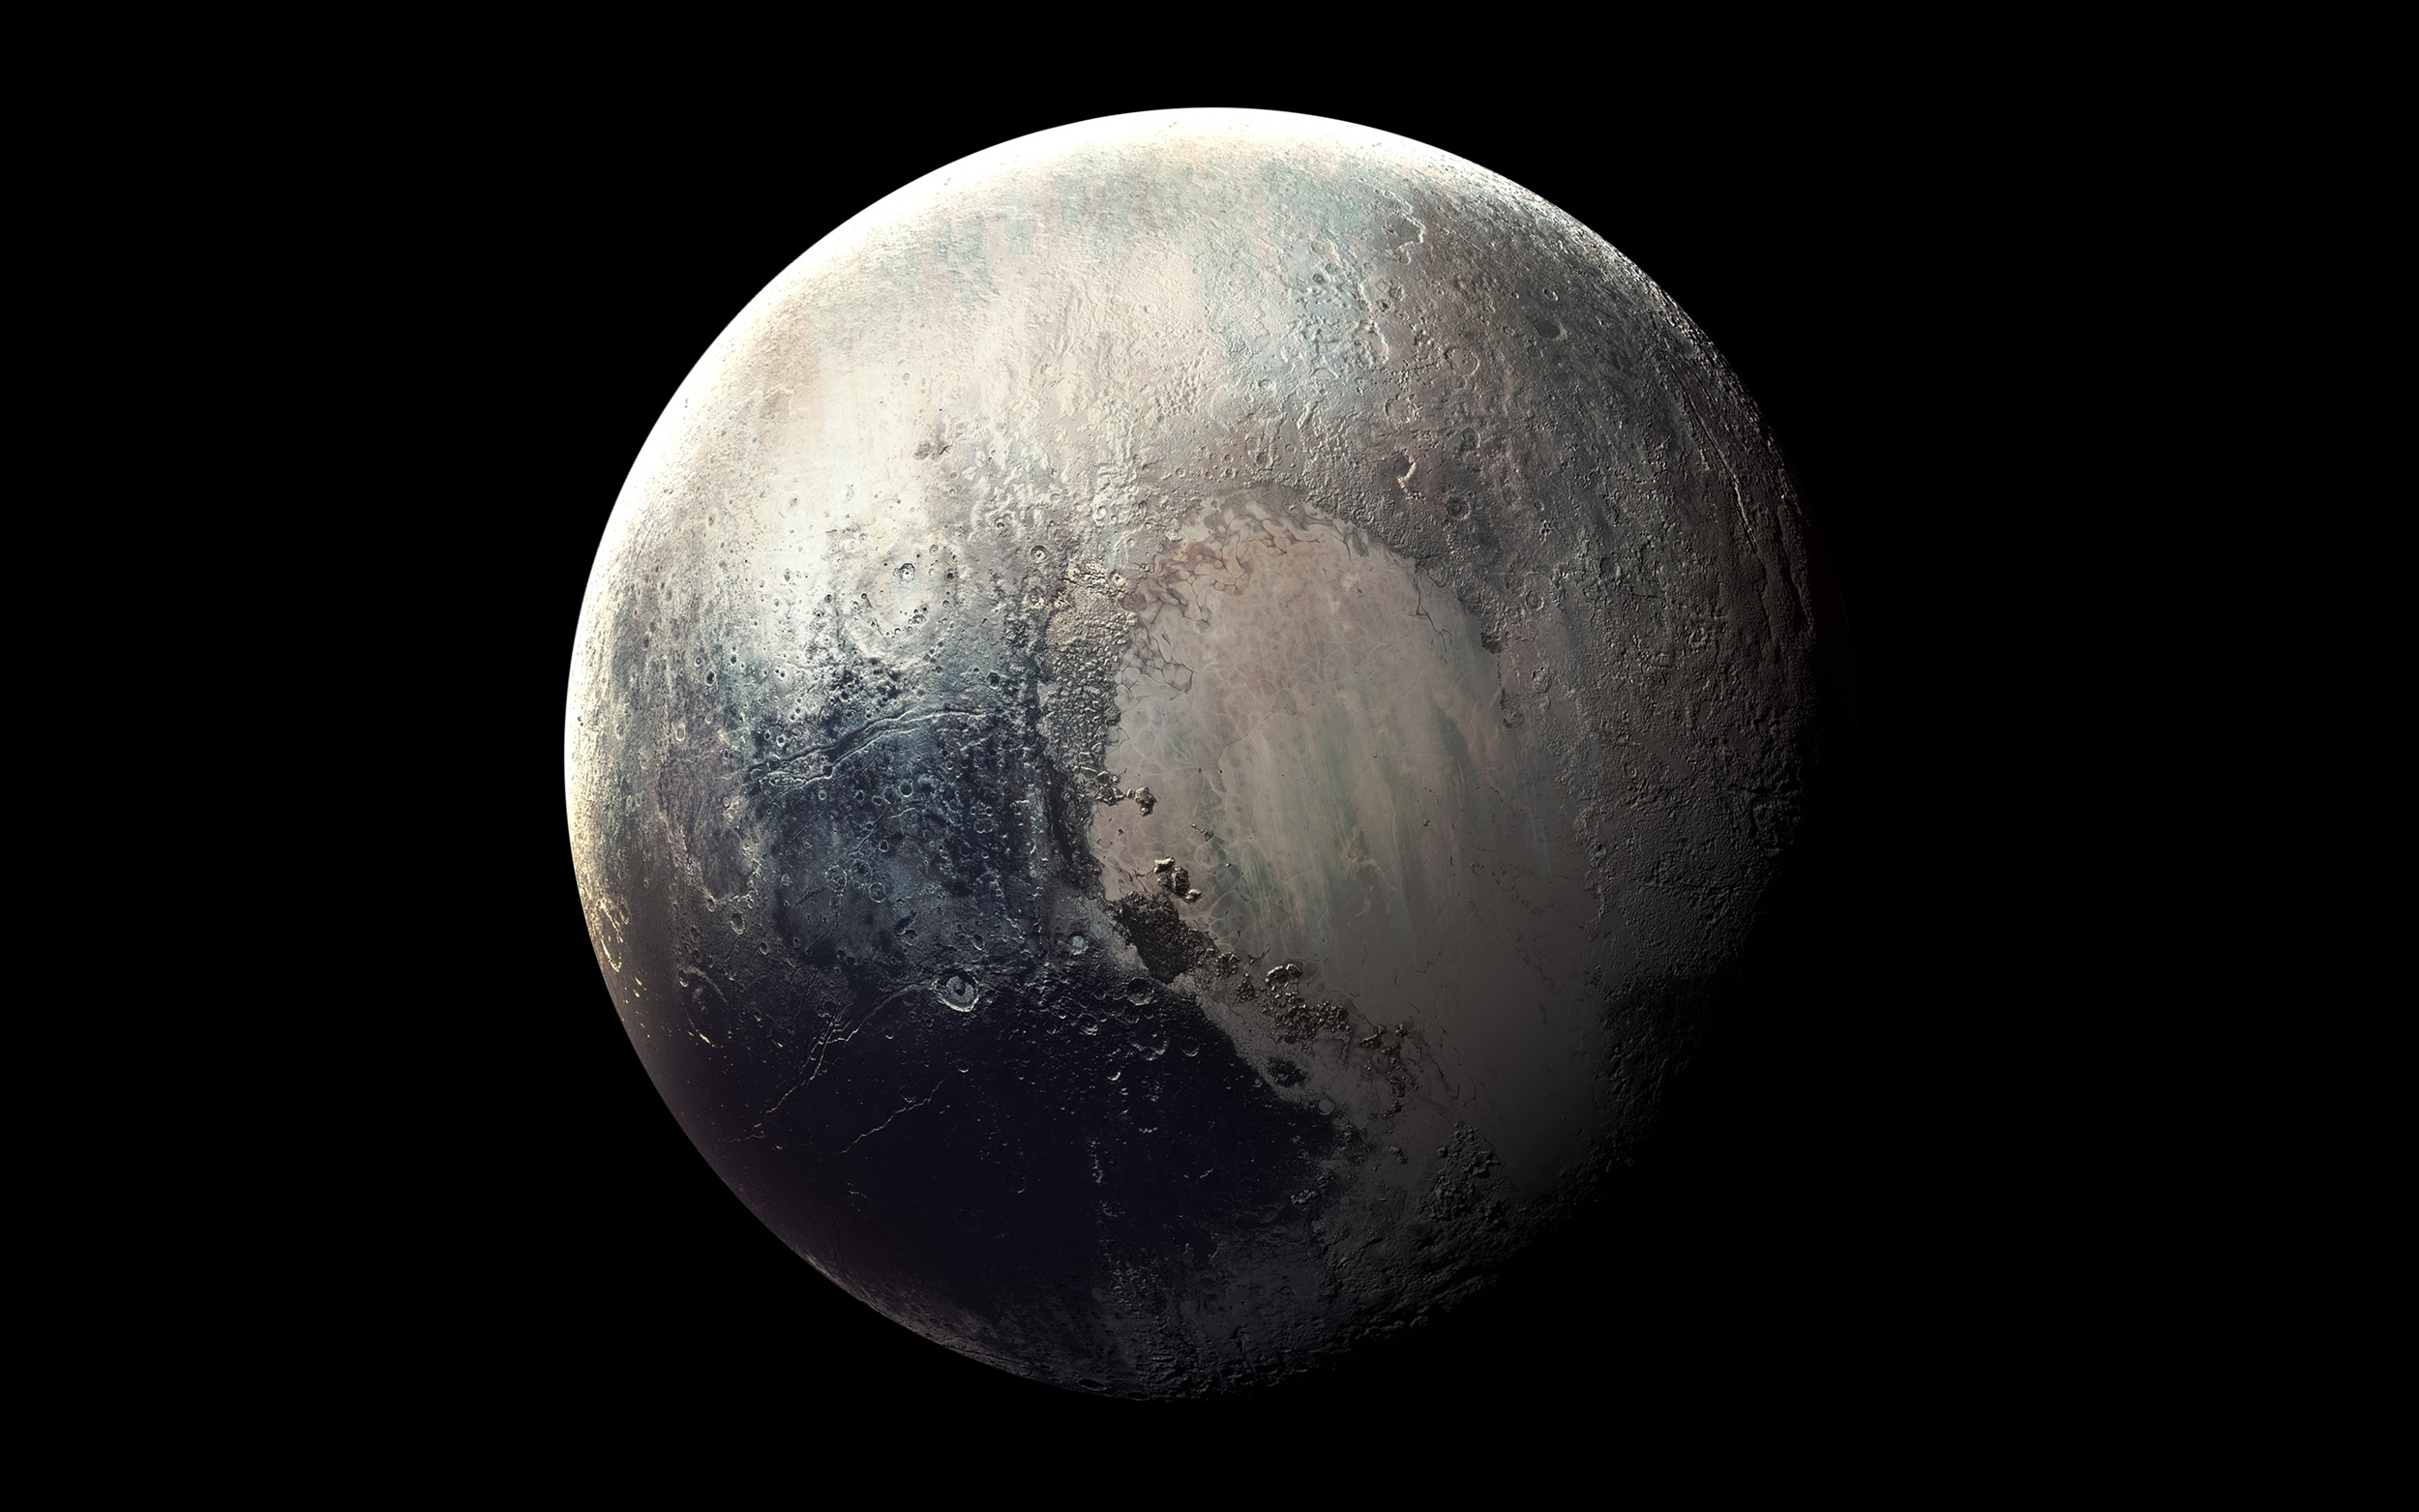 Eris'in keşfi Plüto gezegenmi,cüce gezegenmi tartışmalarına neden oldu